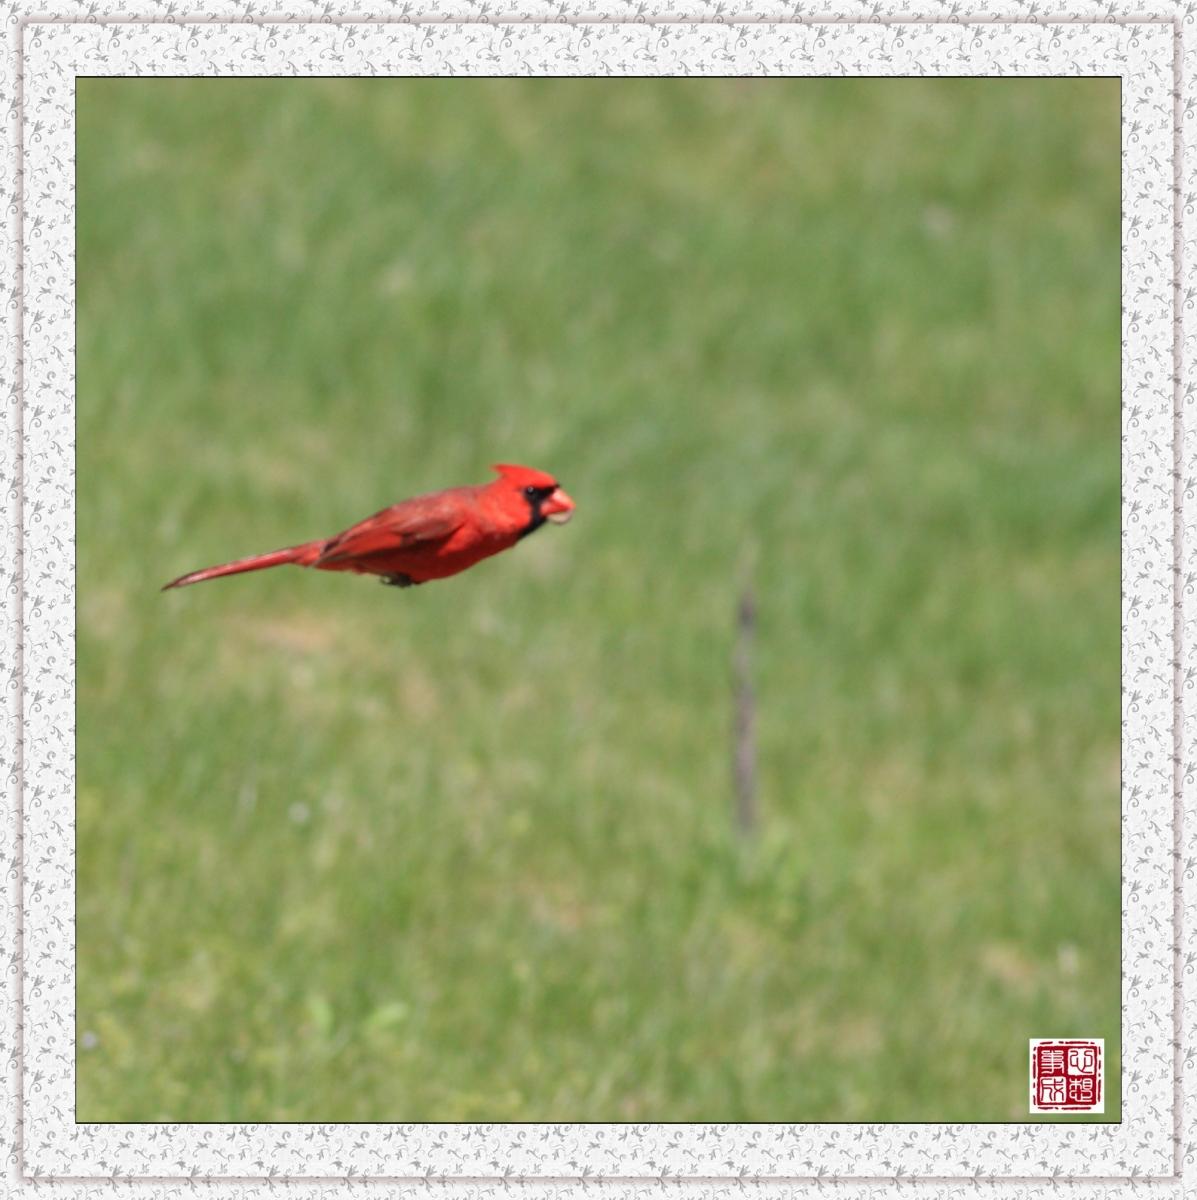 【心想事成】红衣教主鸟_图1-8